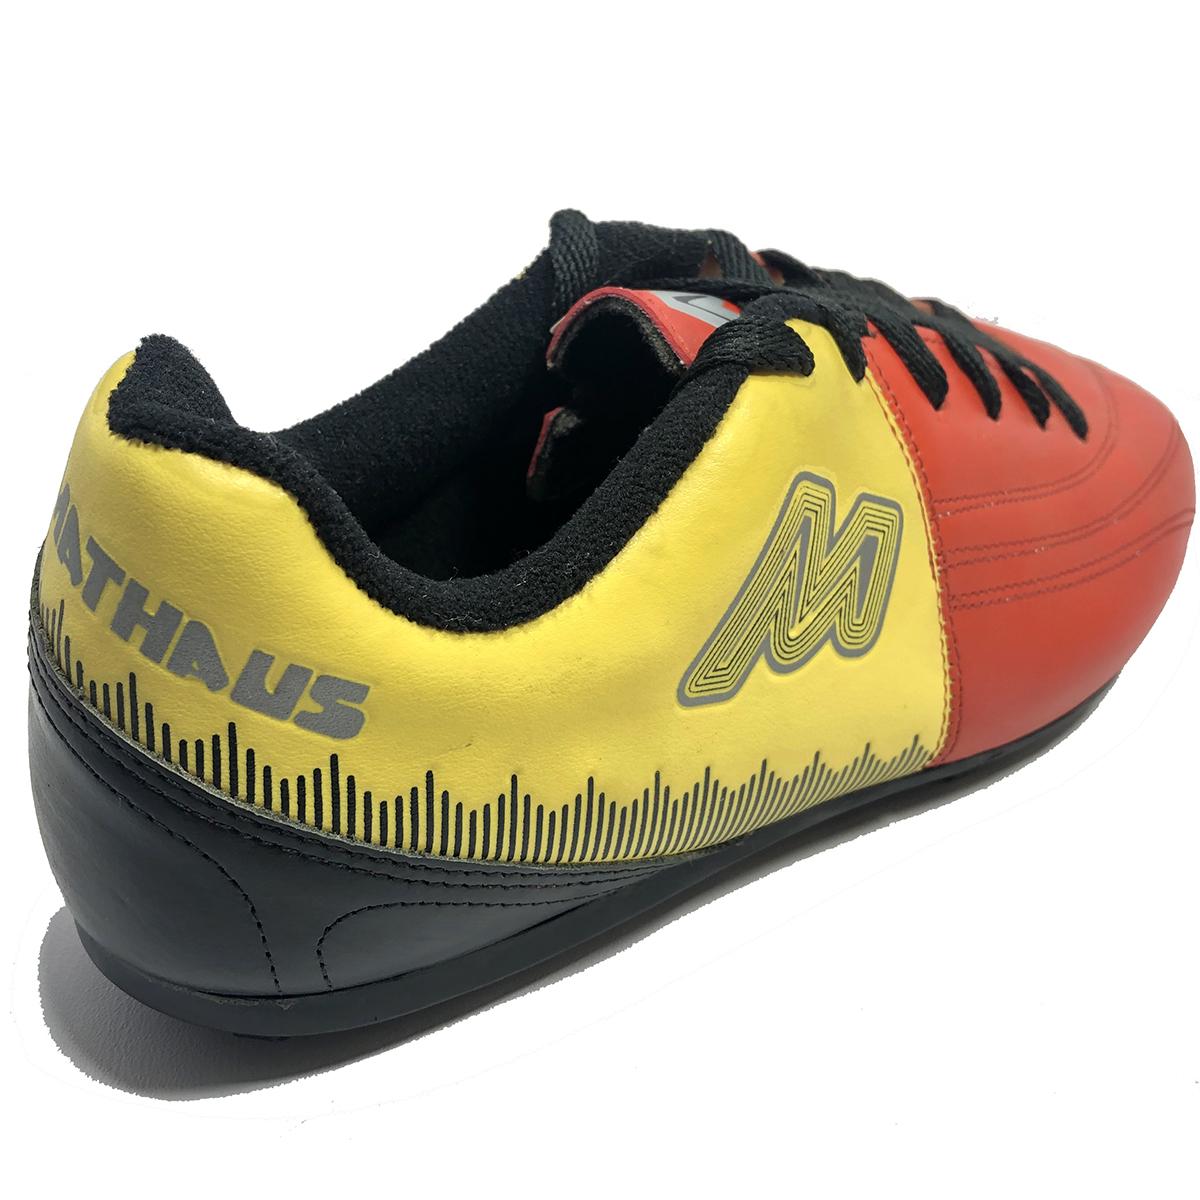 d9f2e89dc7 Chuteira Mathaus Viper Society Masculina Vermelho e Amarelo - Compre ...